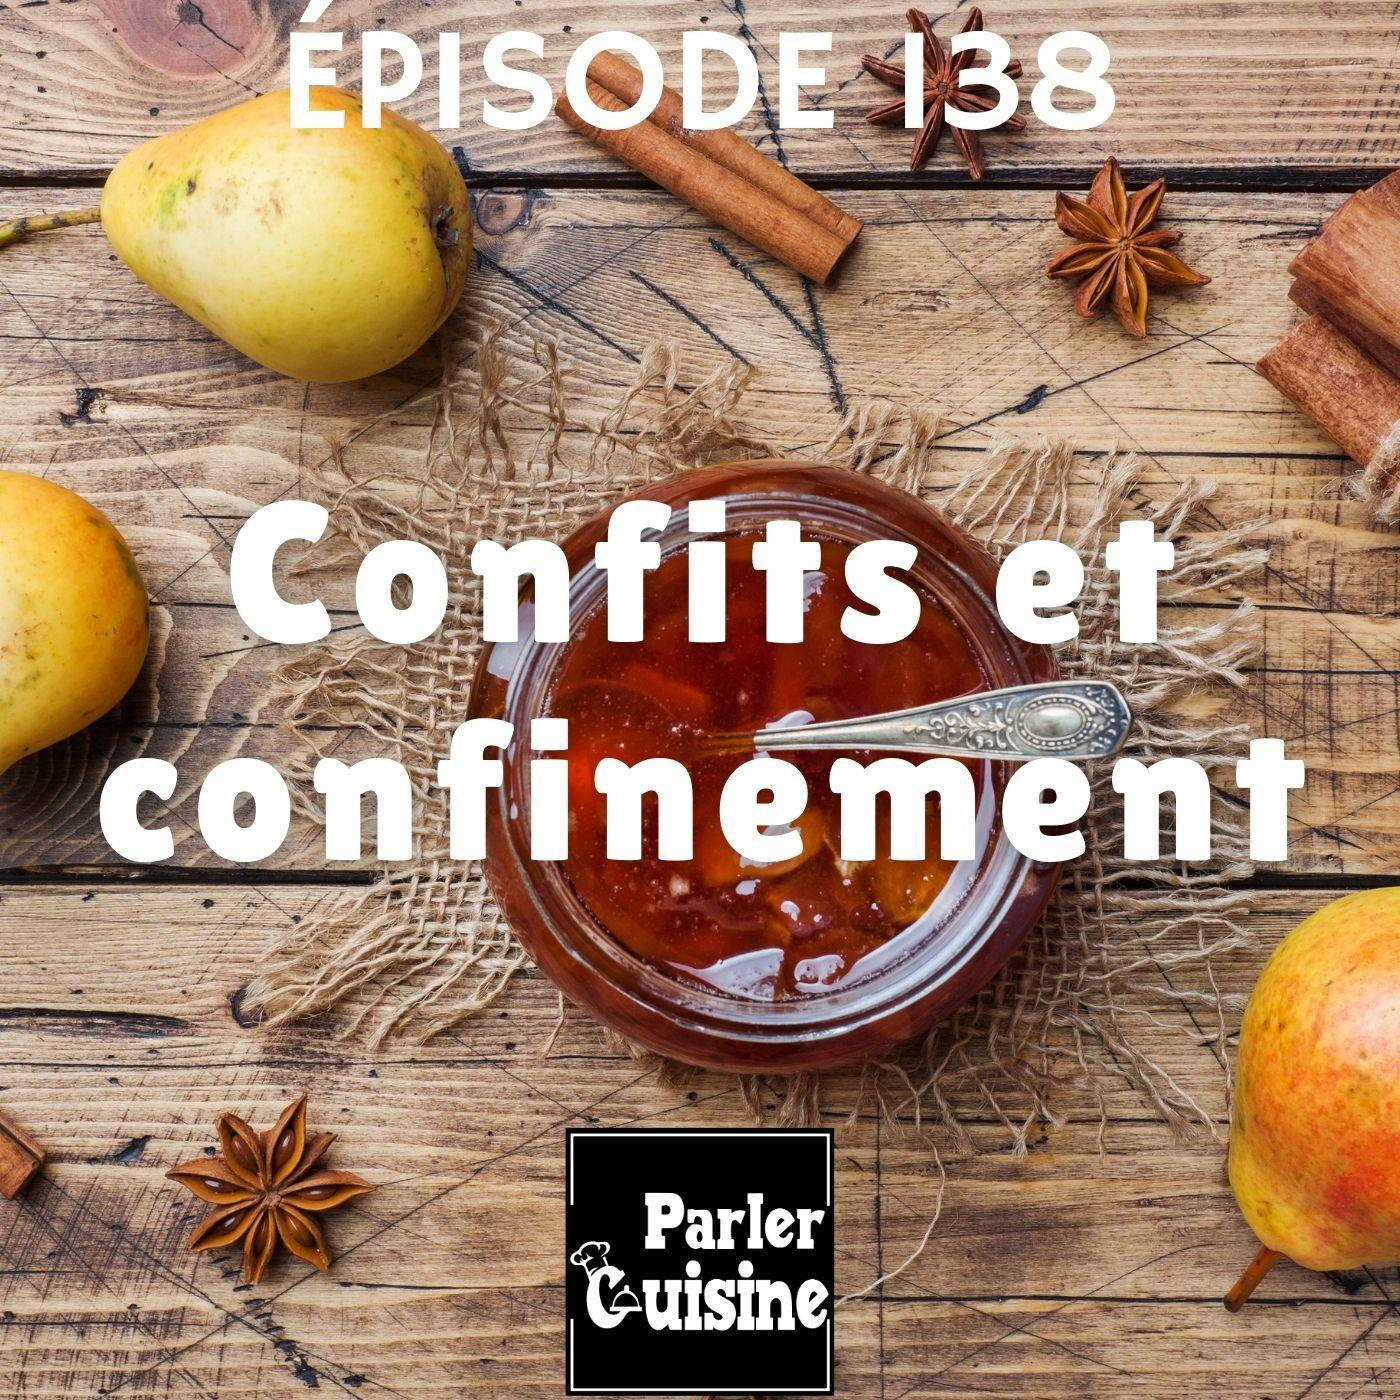 # 138 Confits et confinement